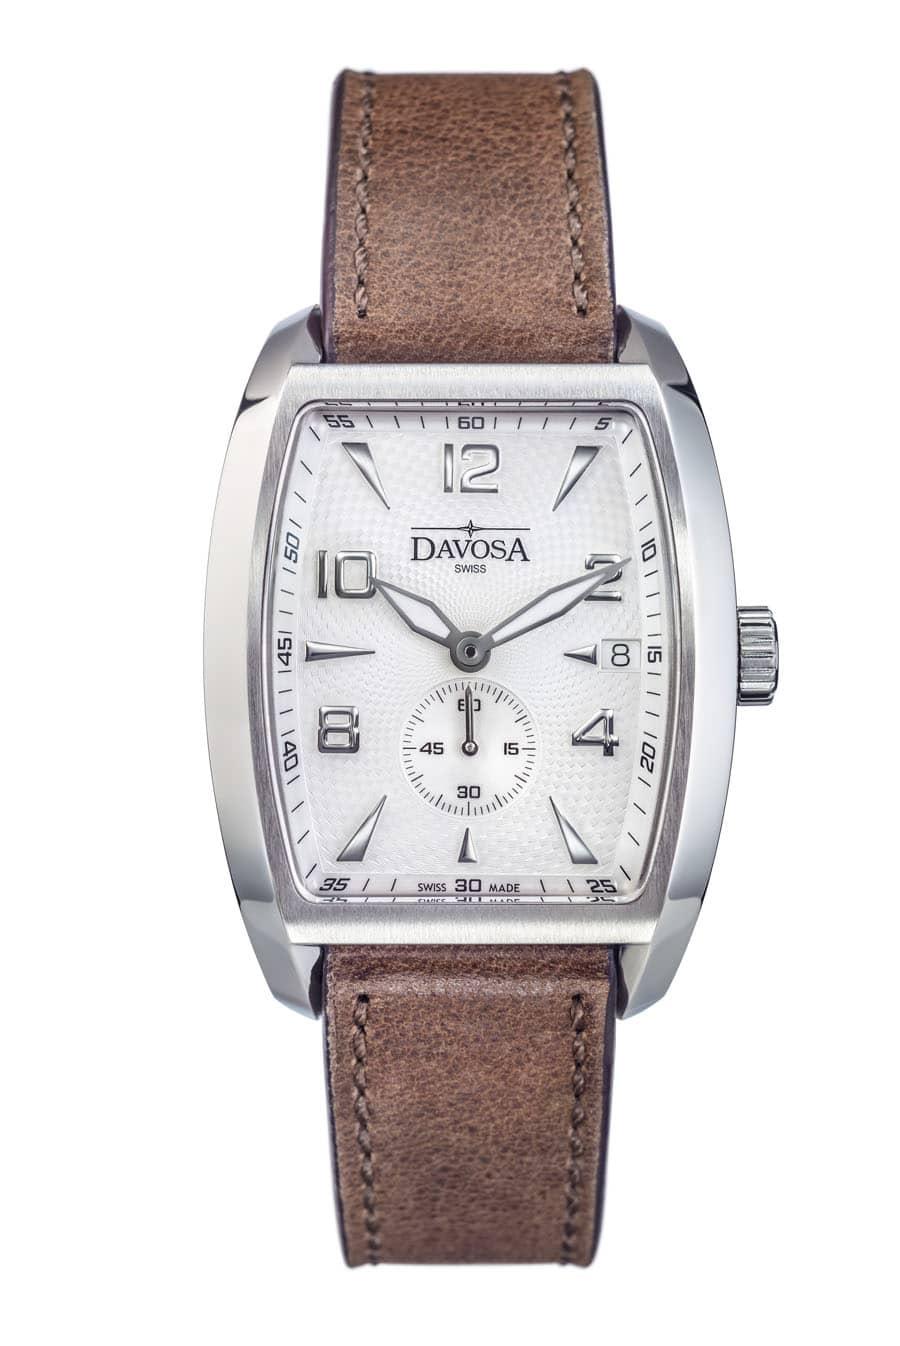 Davosa: Evo 1908 Automatic, klassische Version mit weißem Zifferblatt